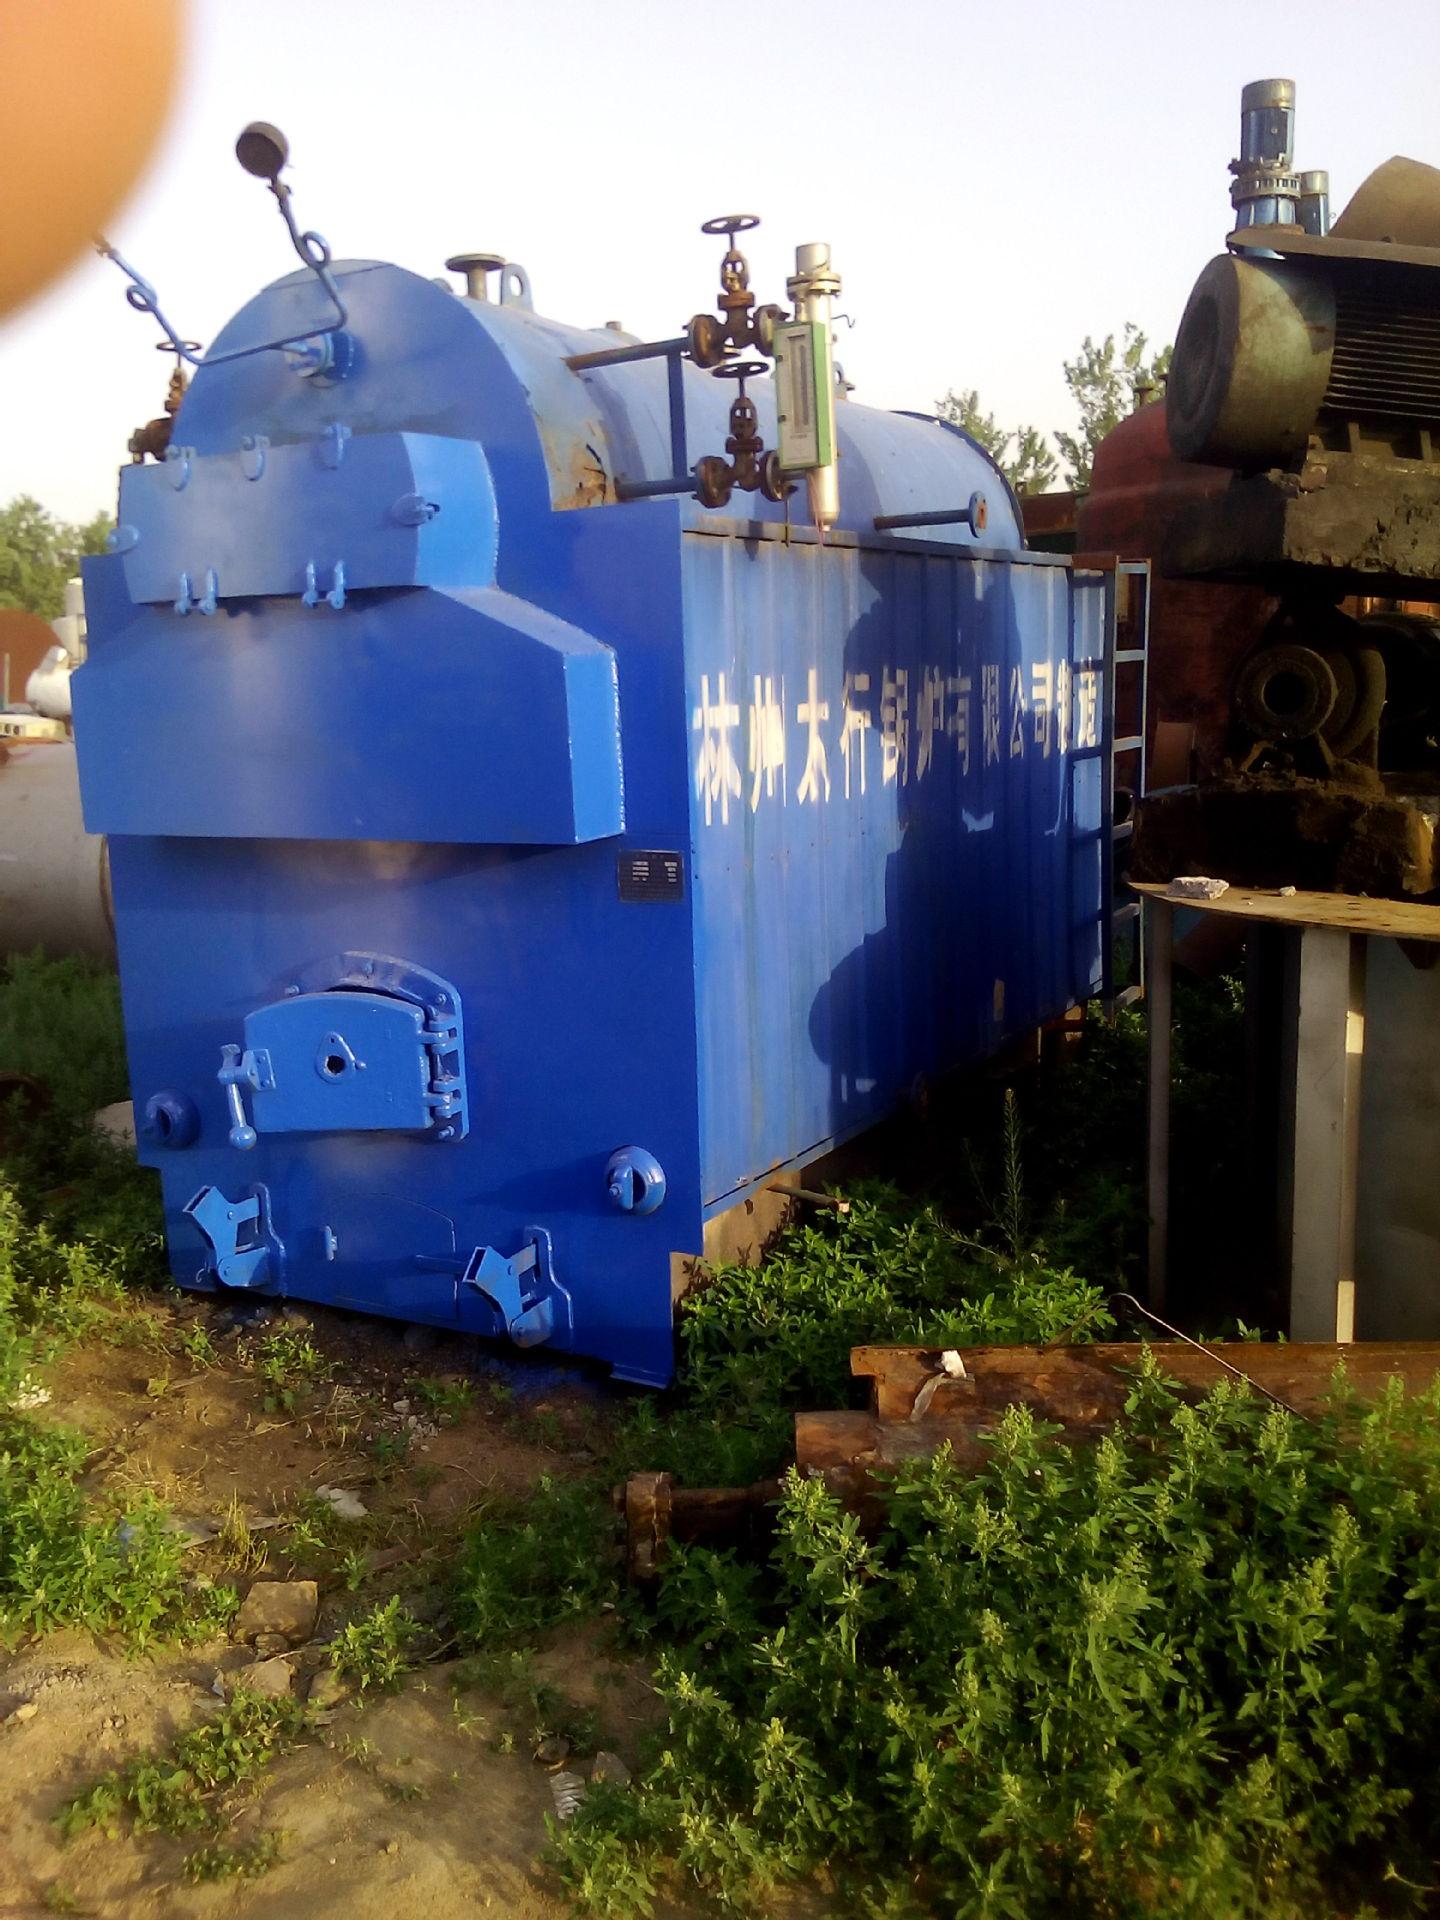 庆华出售二手4吨燃煤蒸汽锅炉 快装锅炉 各种型号 工业锅炉